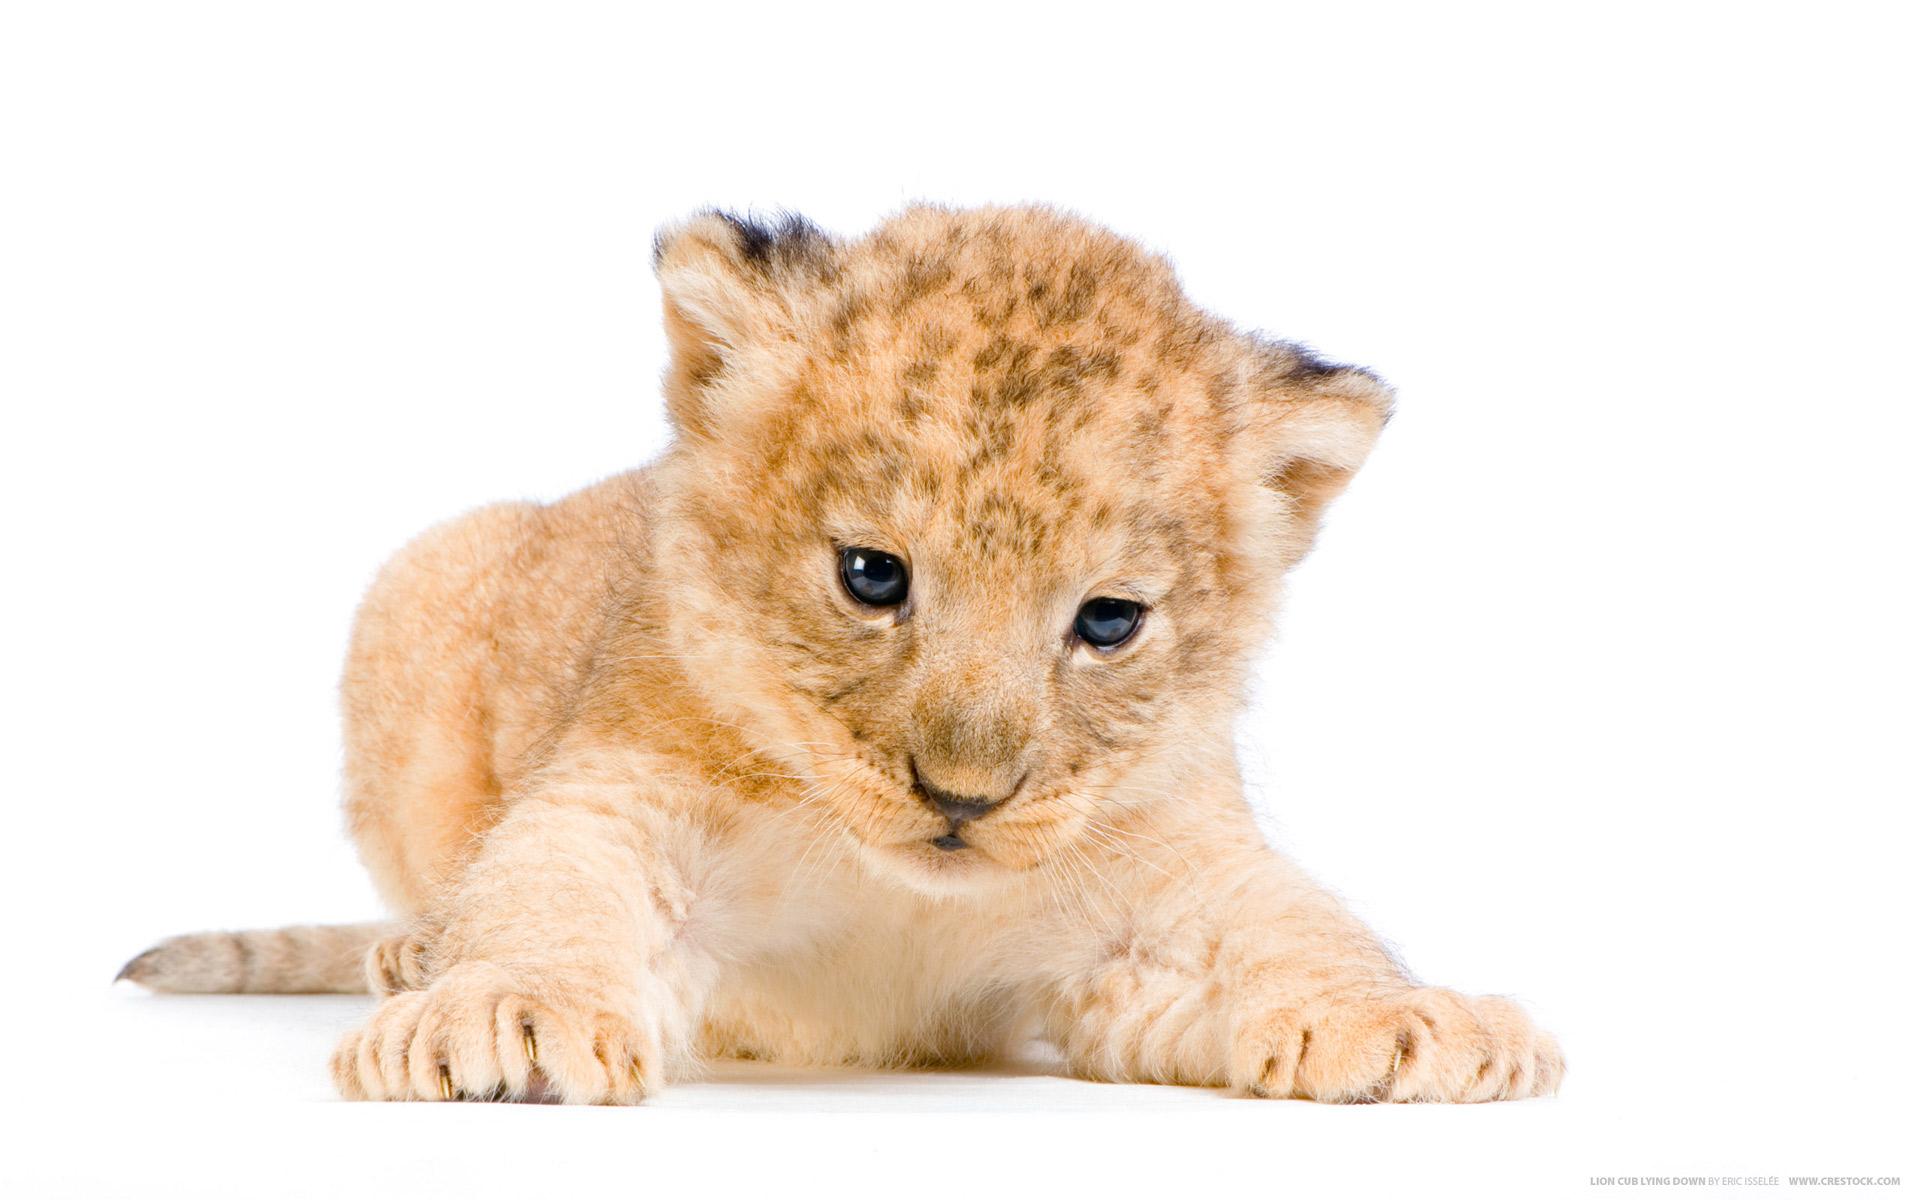 Cub Pictures